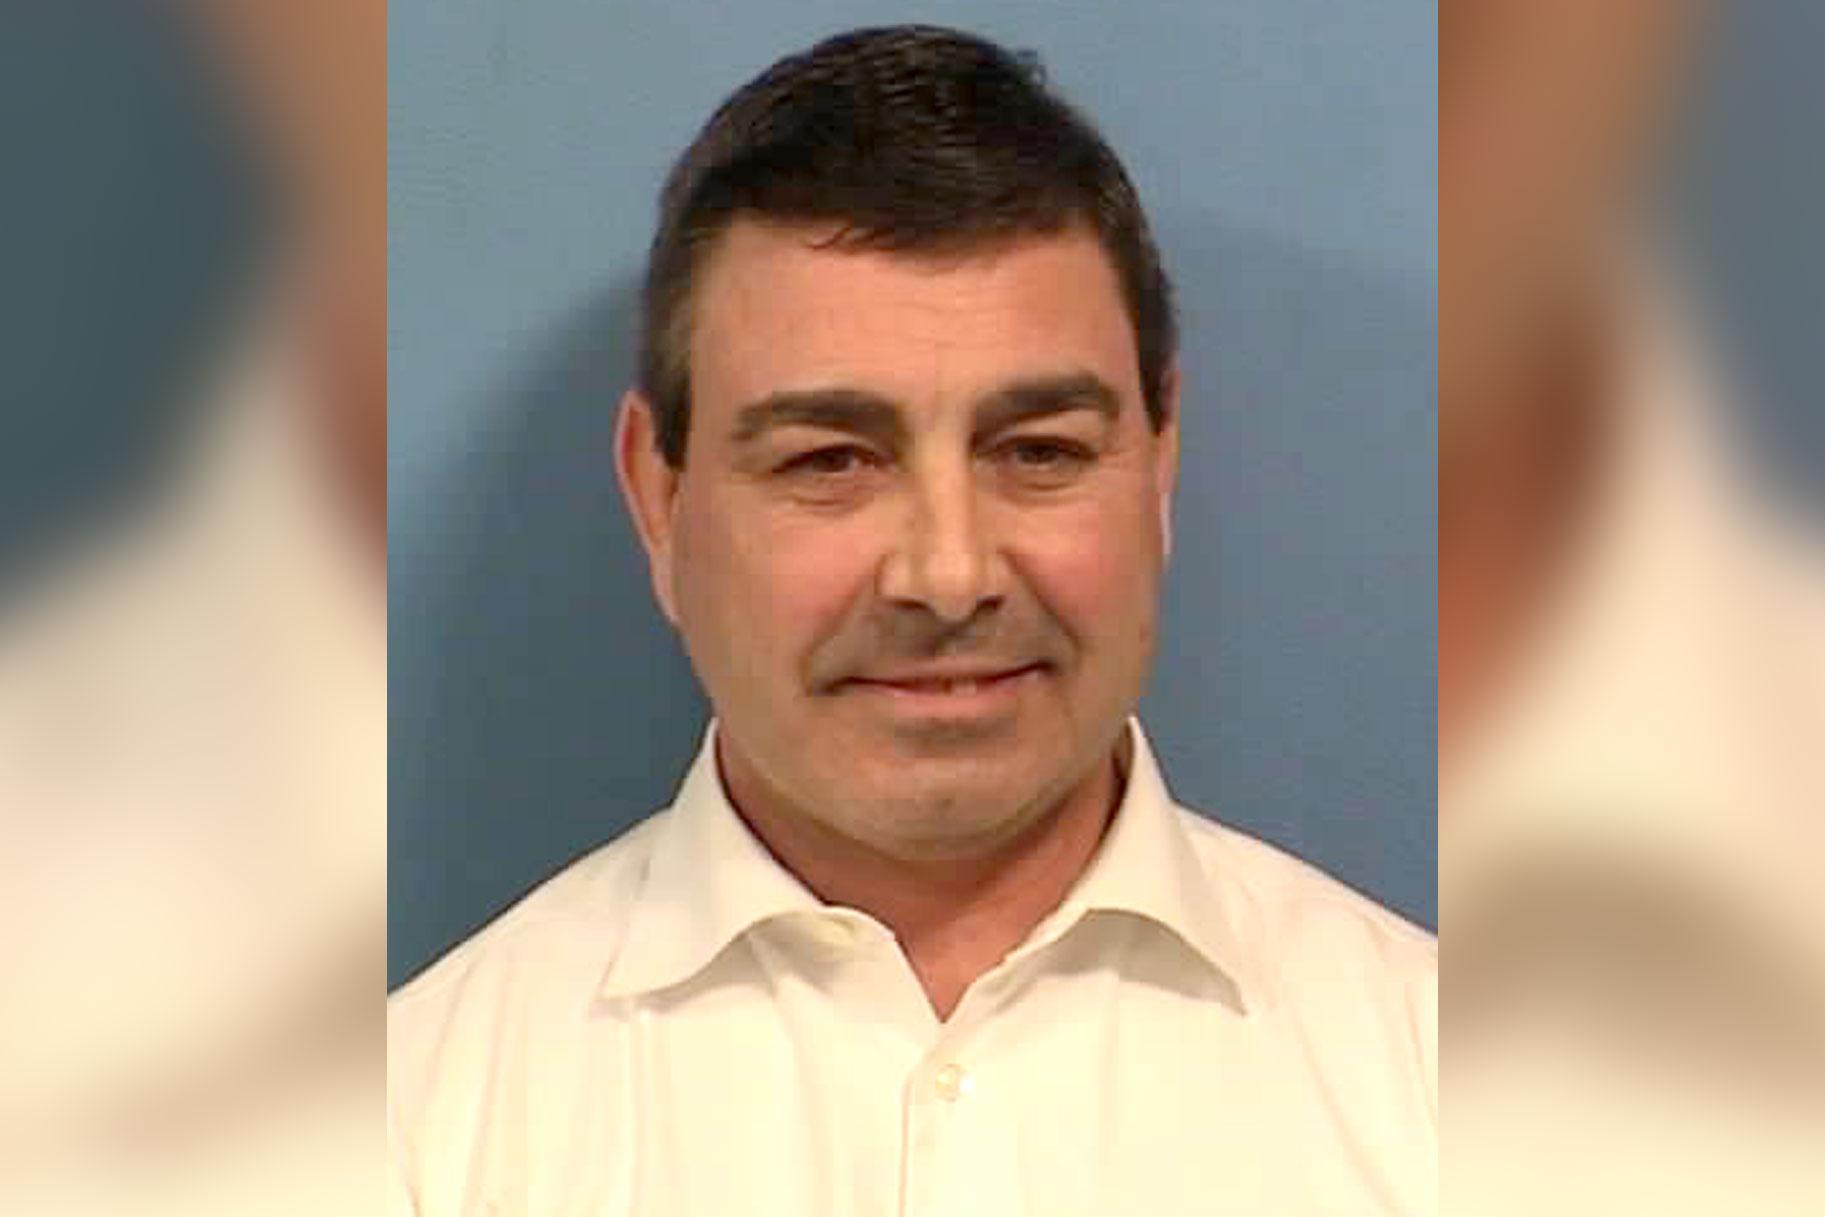 Dommer fortæller mand, der angreb købmand Bagger, han ønsker, at han kunne have dømt ham for 'at være en idiot'